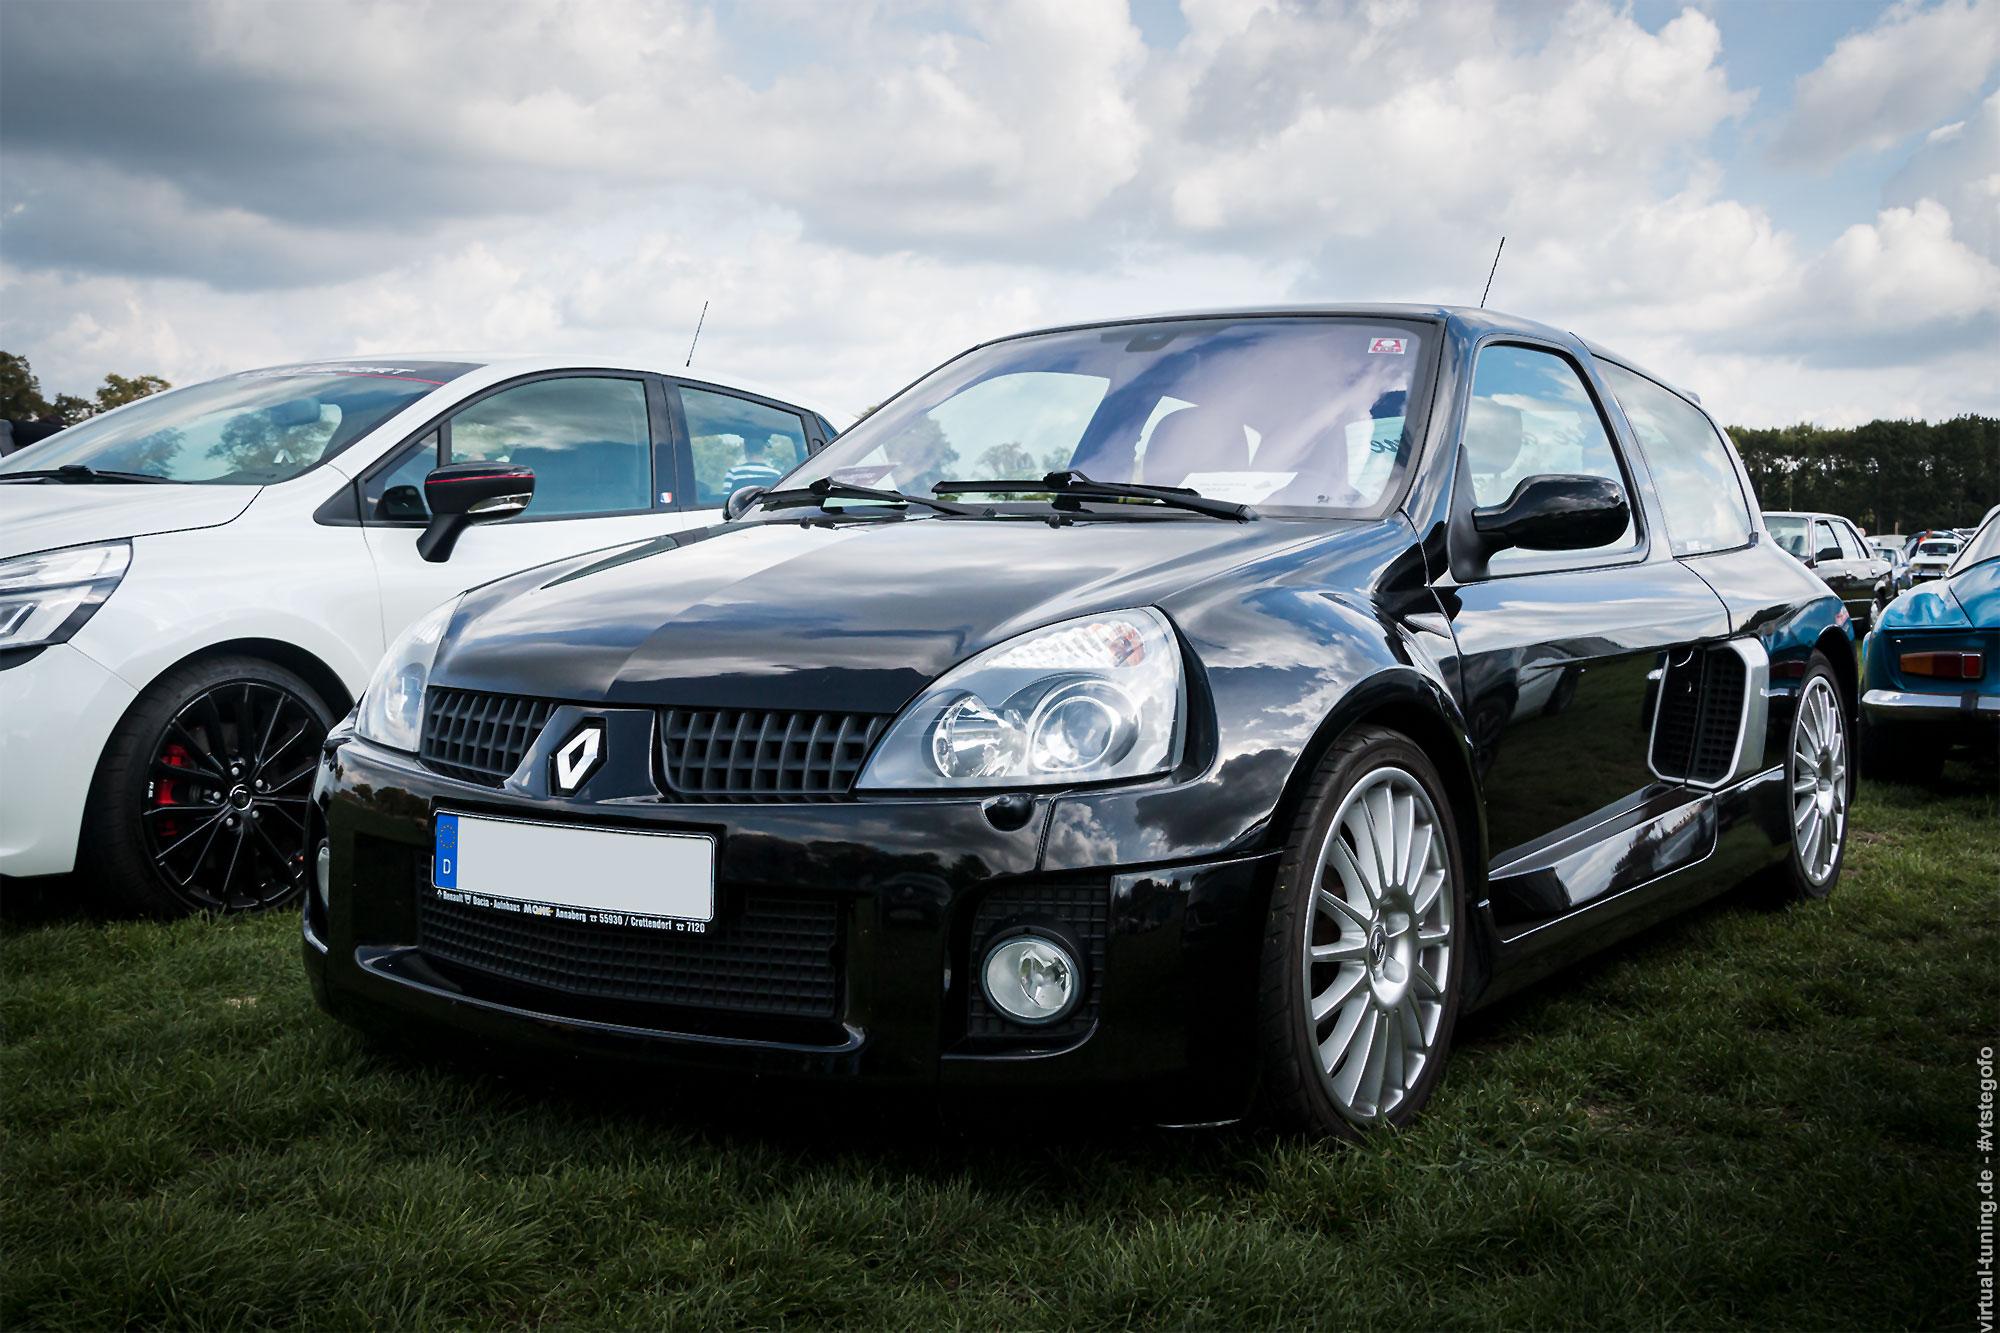 Renault Clio V6 - 4e Fête Renaultoloog